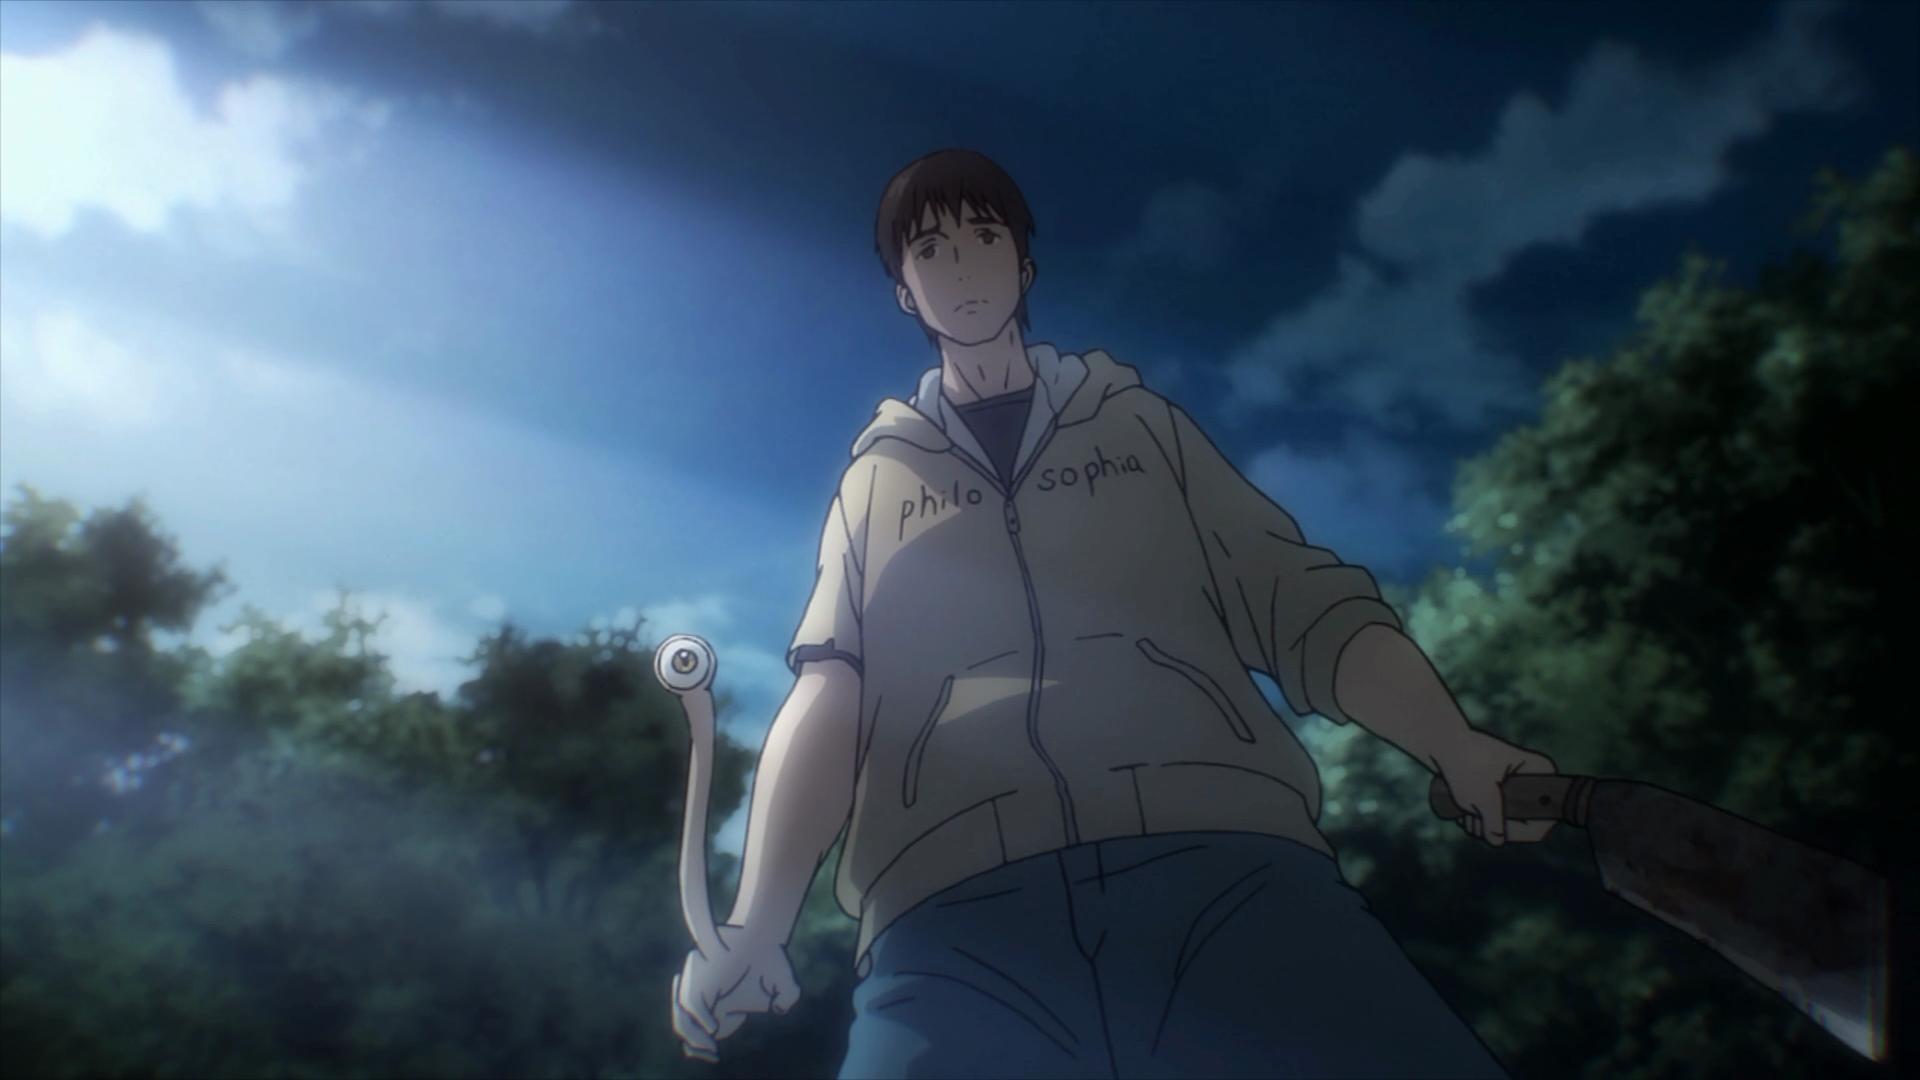 Shinichi prestes a matar outro ser vivo apenas para preservar a sua própria vida